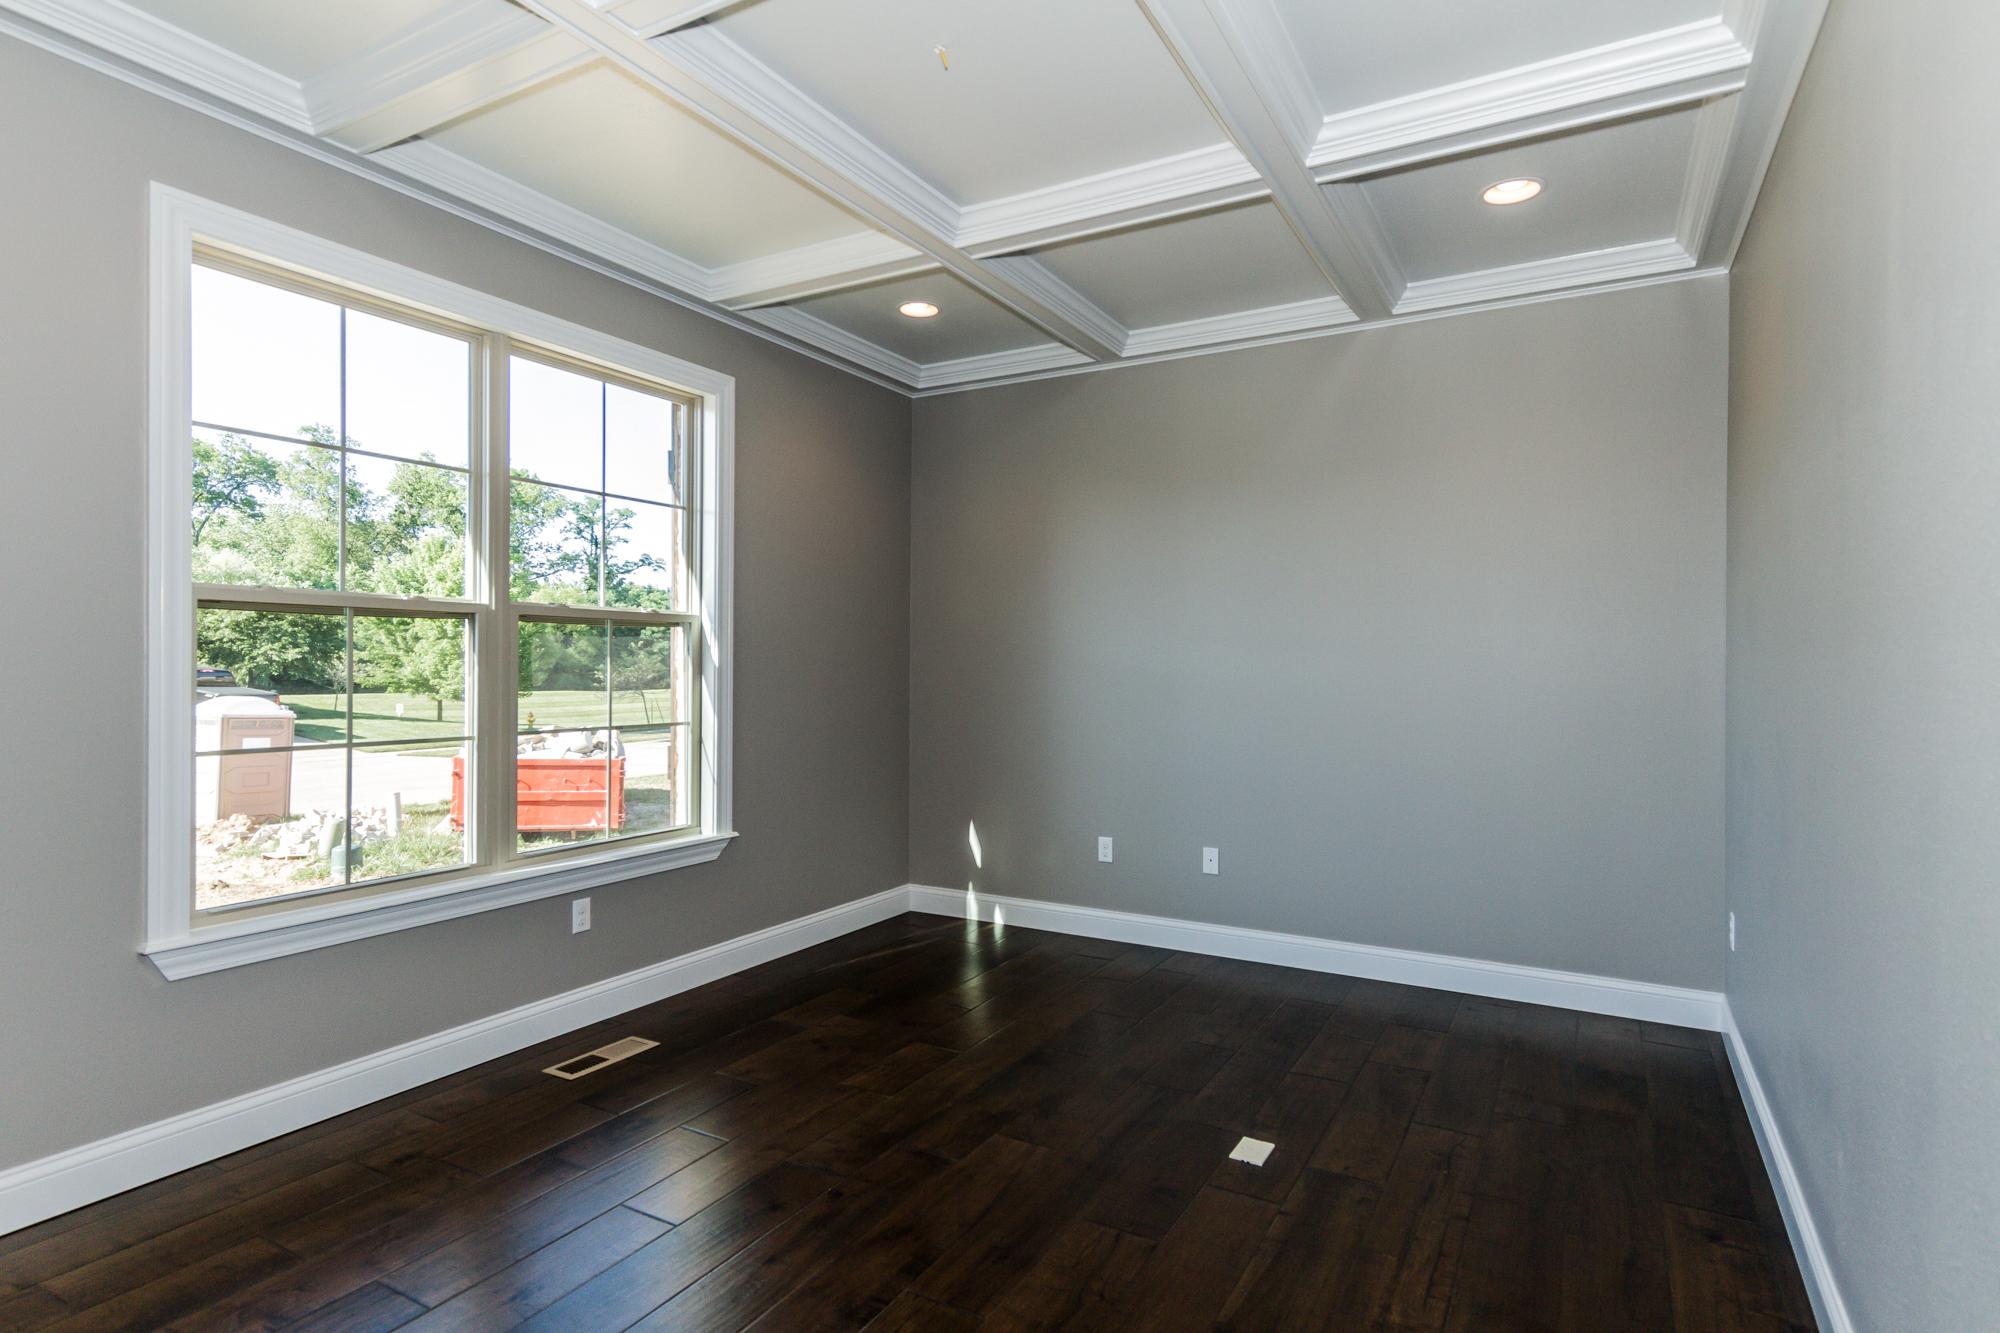 New-Construction-For-Sale-O'Fallon-Illinois-CR-Holland-0-4.0.jpg